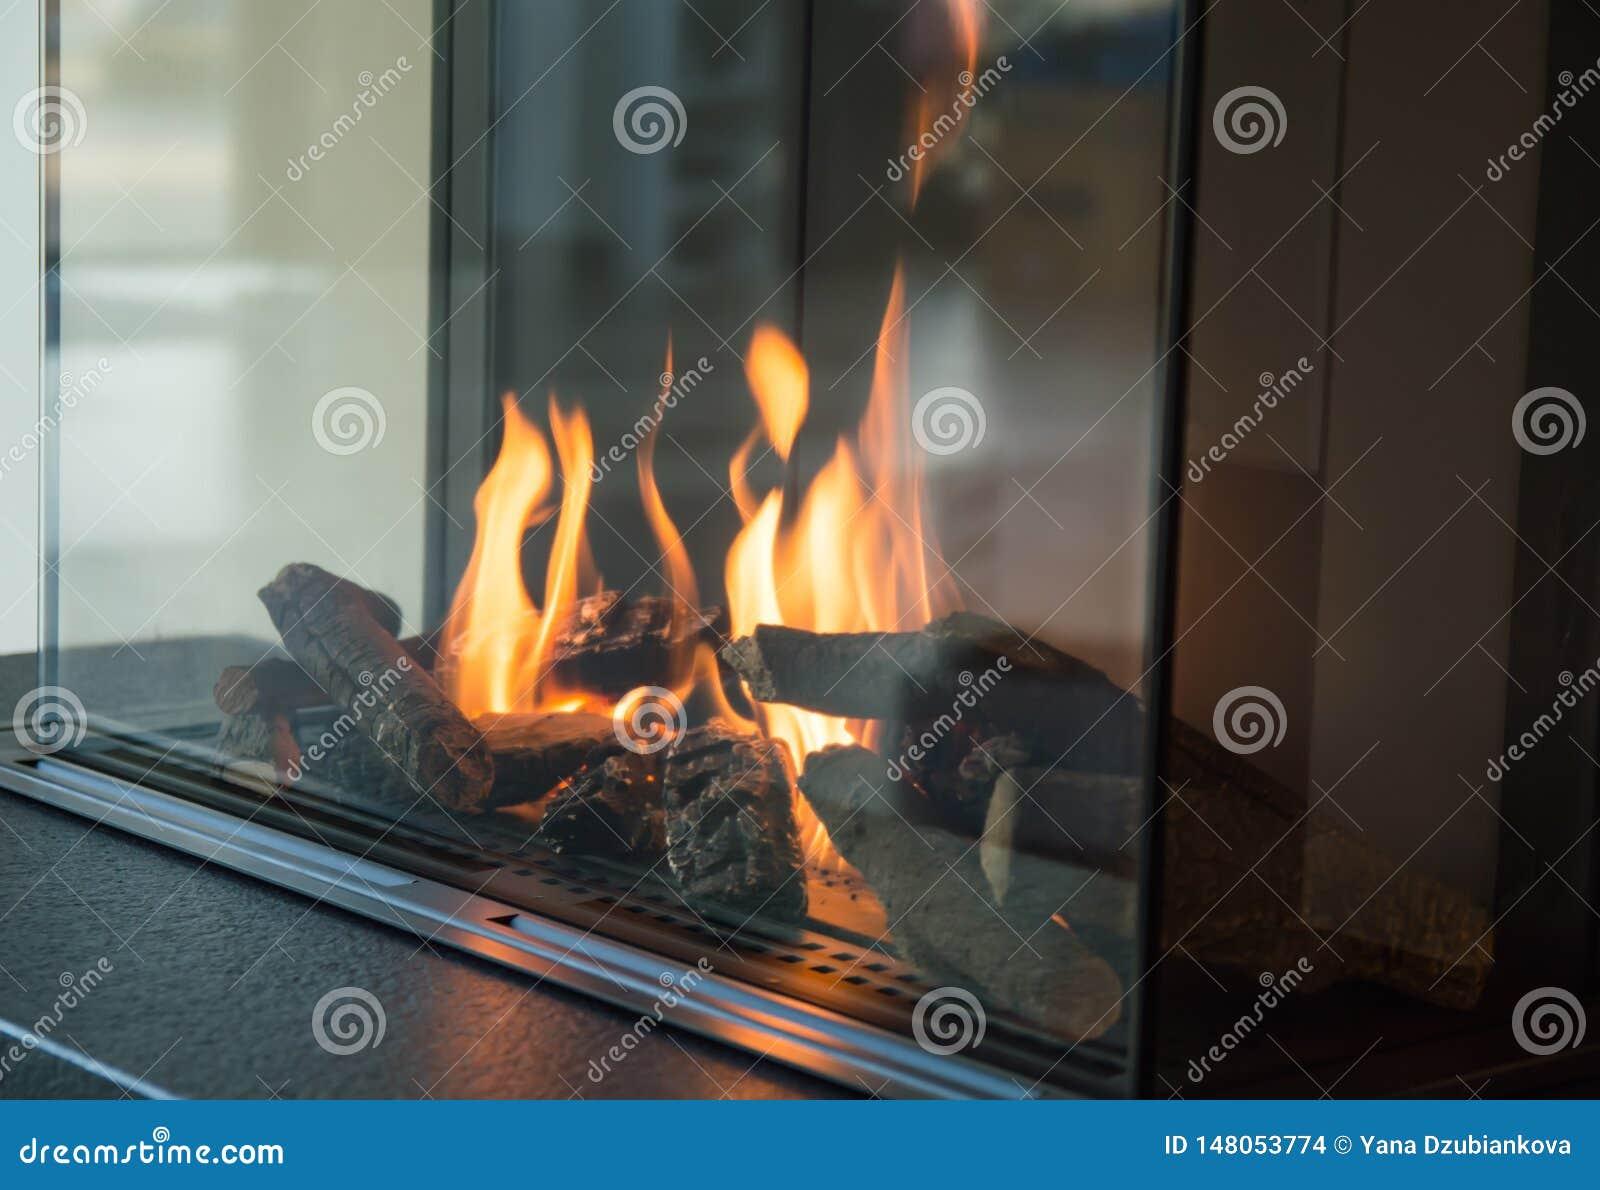 En brand bränner i en exponeringsglasspis, utstrålar värme